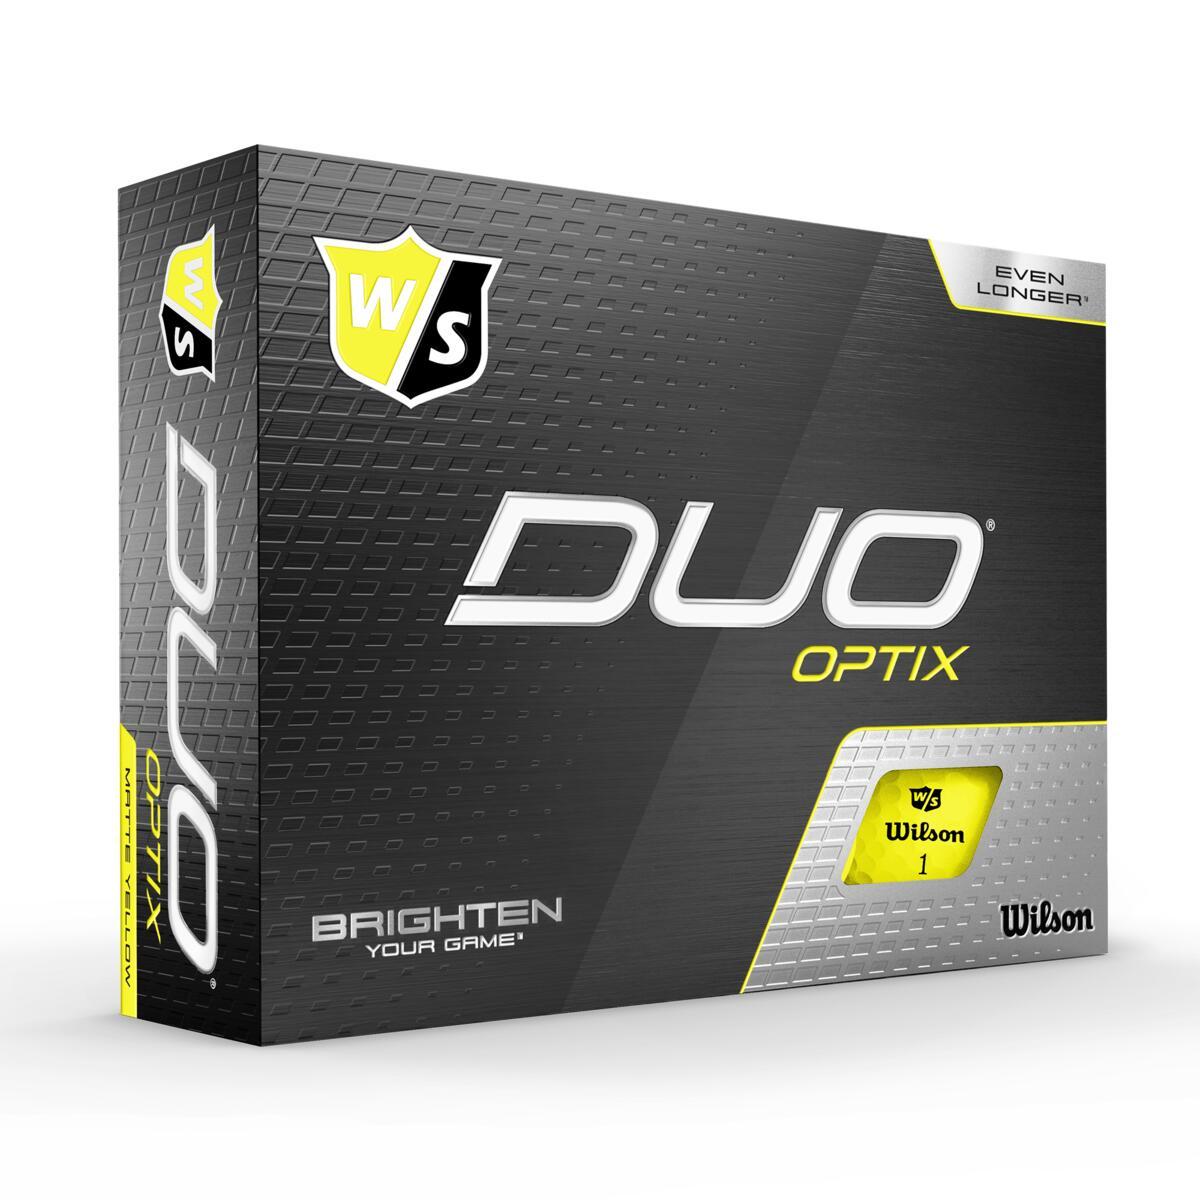 Wilson - Duo OPTIX Yellow 12pack Golf Balls